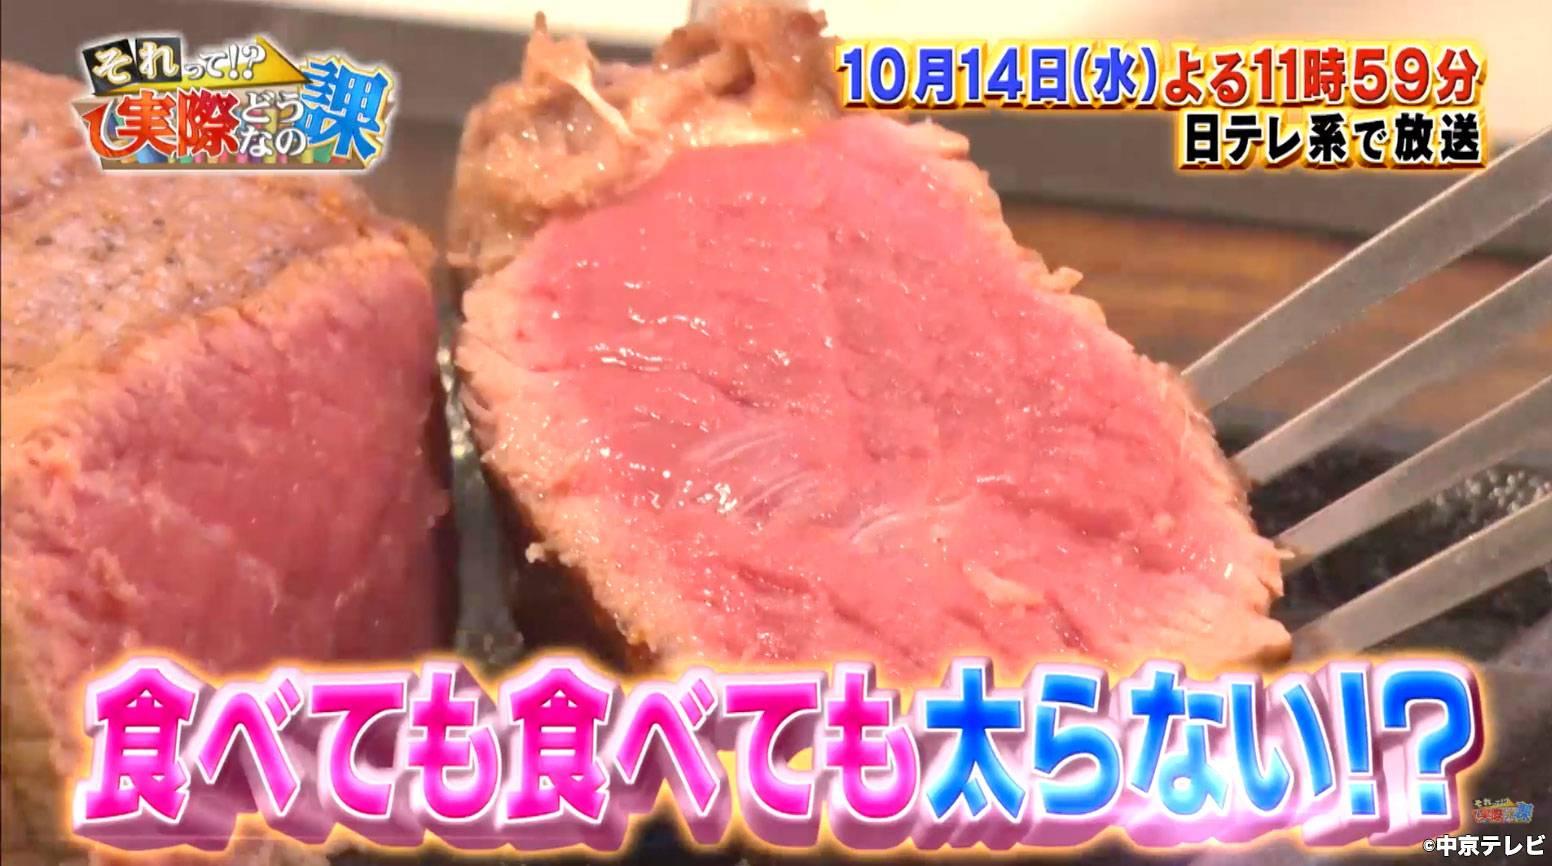 全肉減肥法實測!日本藝人日日鋸扒3天極速減1kg